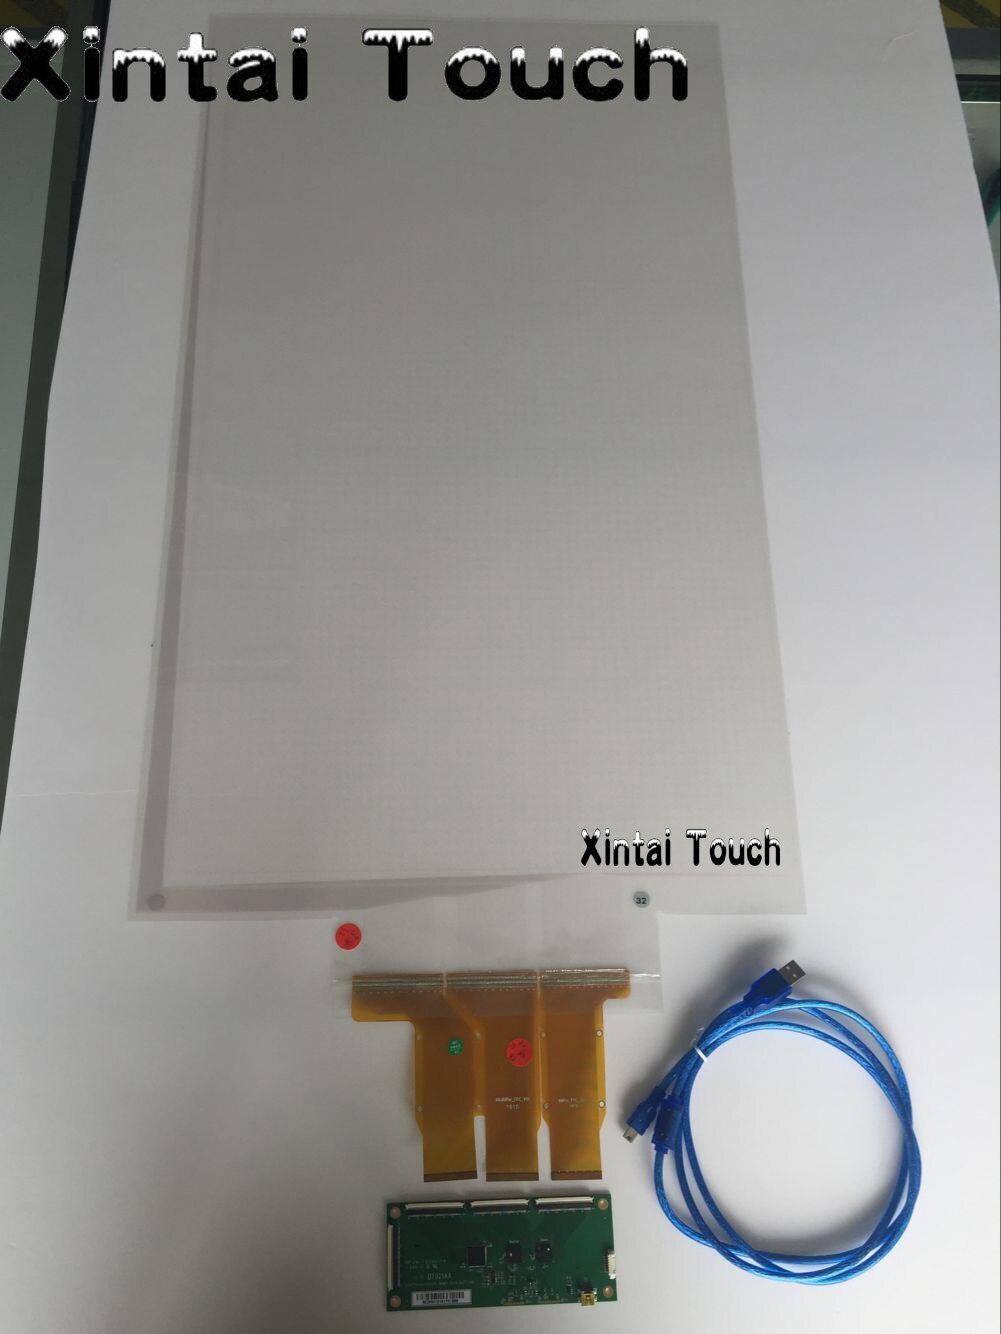 Film d'écran tactile Super mince de 40 pouces Film tactile capacitif de 2 points à travers le magasin de verre, format 16:9